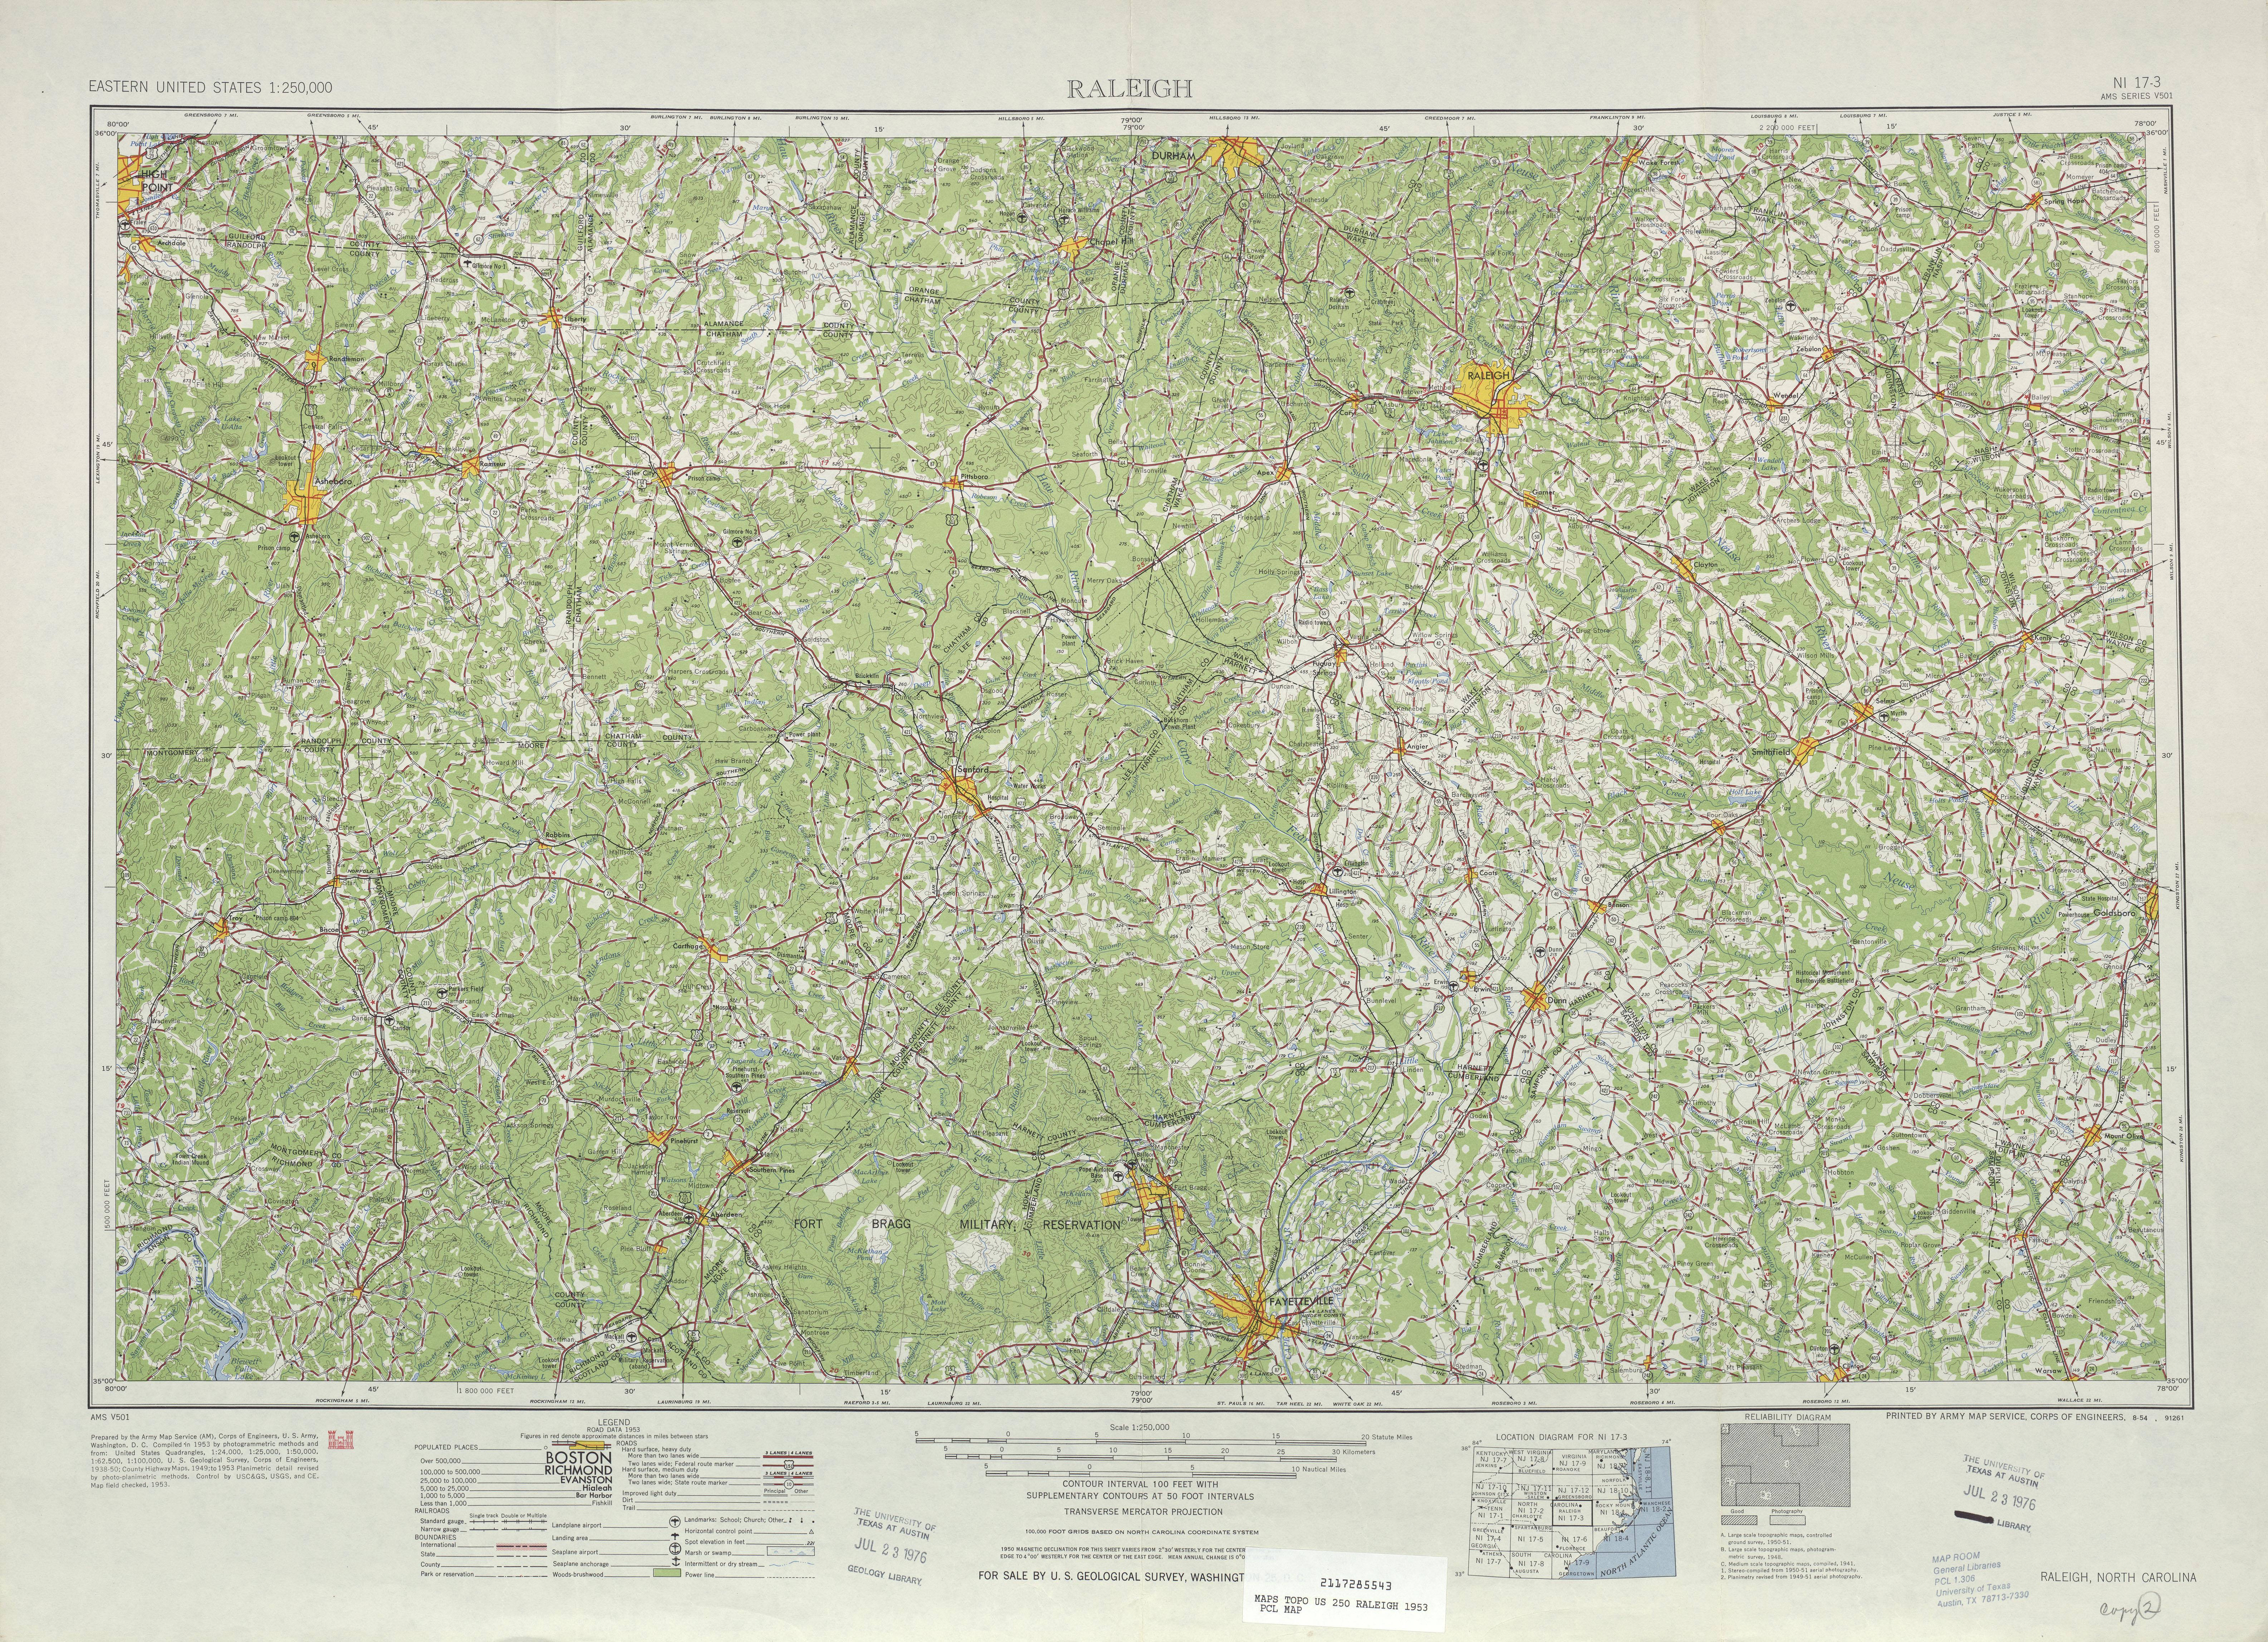 Hoja Raleigh del Mapa Topográfico de los Estados Unidos 1953